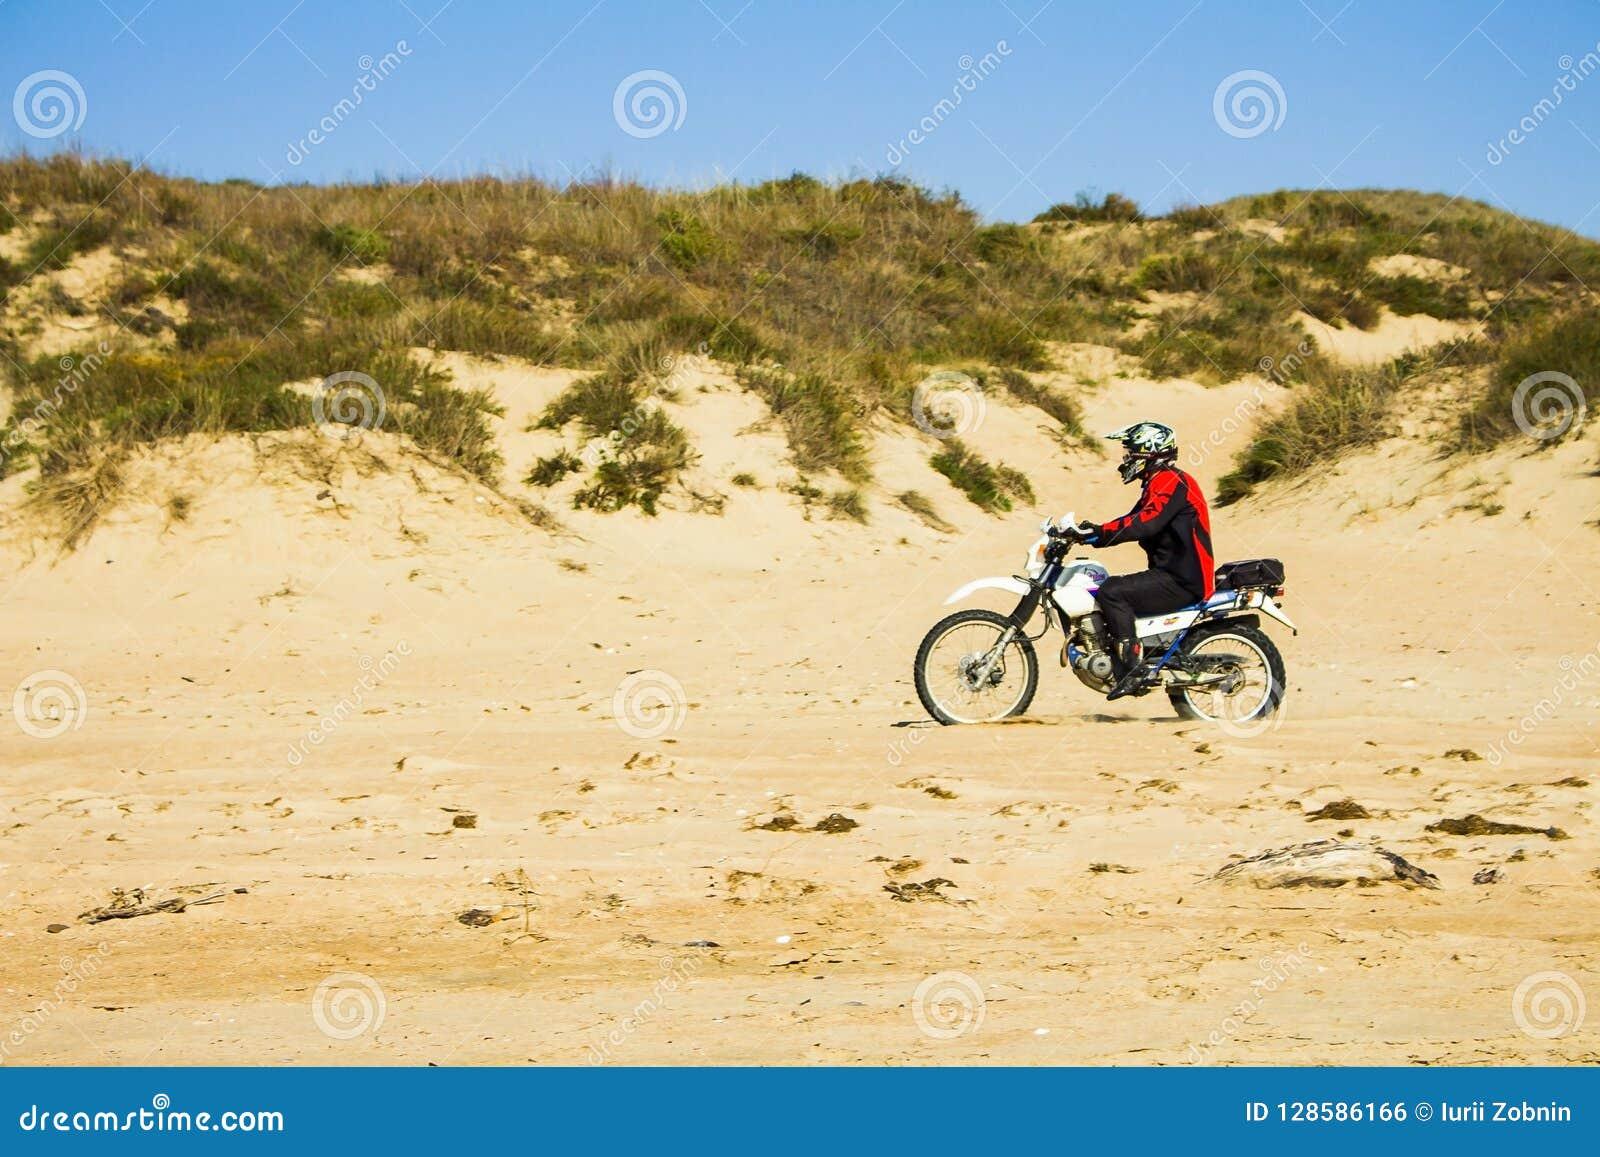 Motorcyklisten rider på sanden på stranden Ryssland, Blagoveshenskaya, 9 oktober 2108